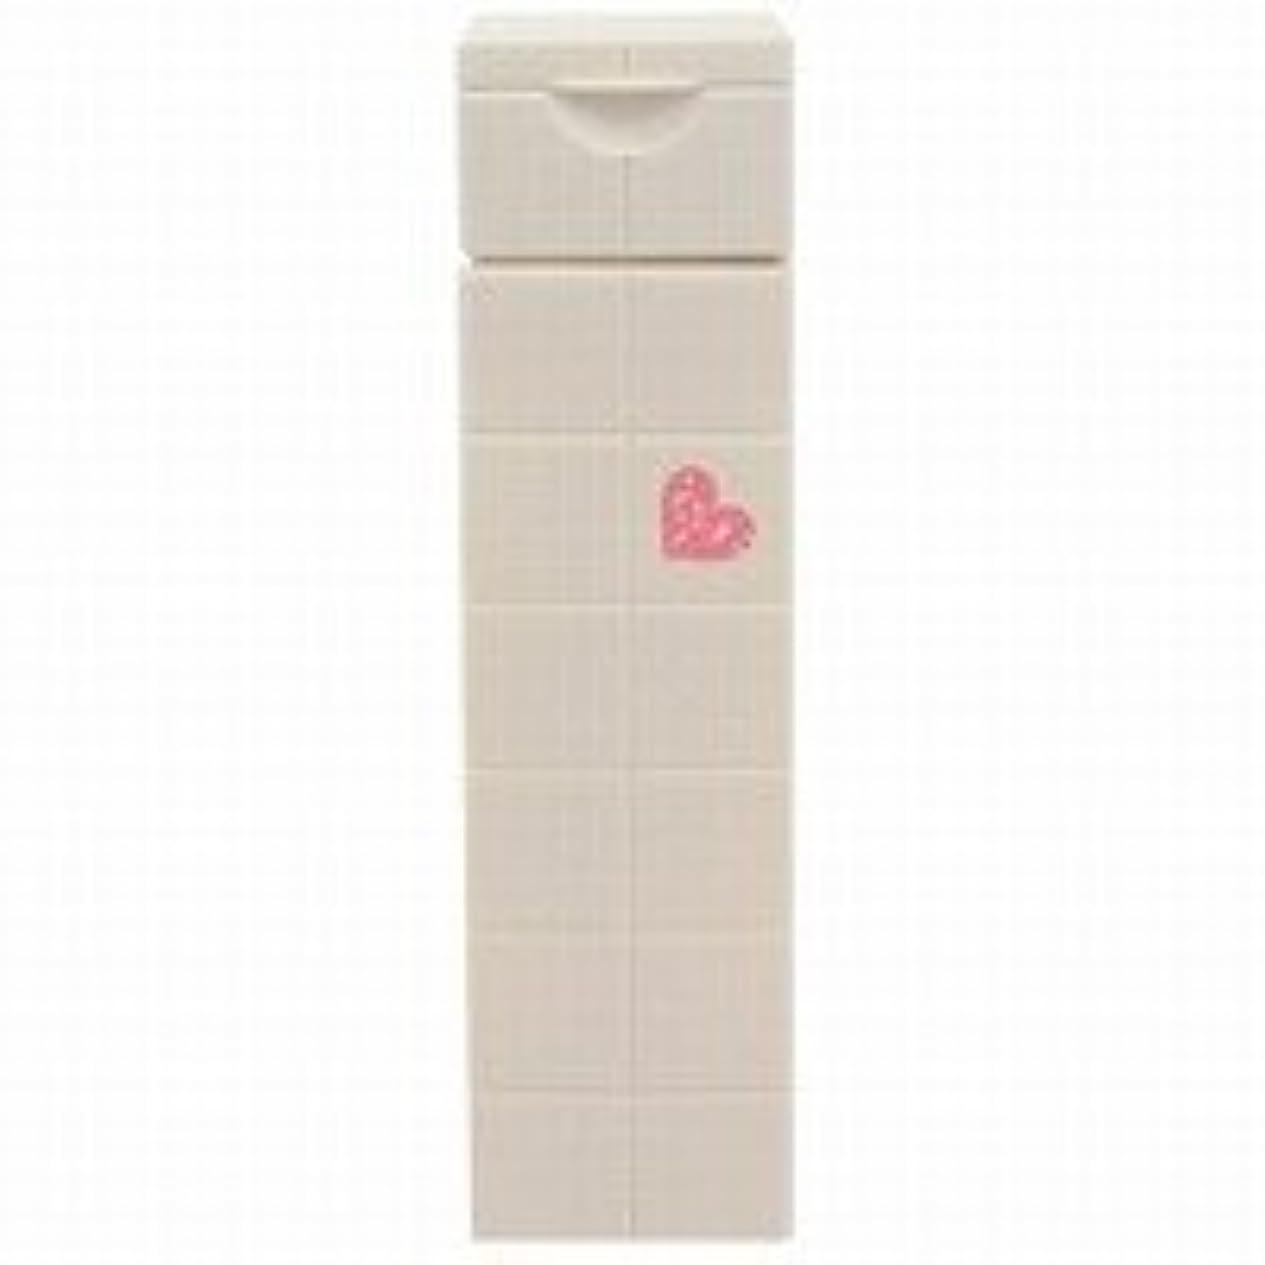 トライアスロン野望小間【X5個セット】 アリミノ ピース プロデザインシリーズ モイストミルク バニラ 200ml